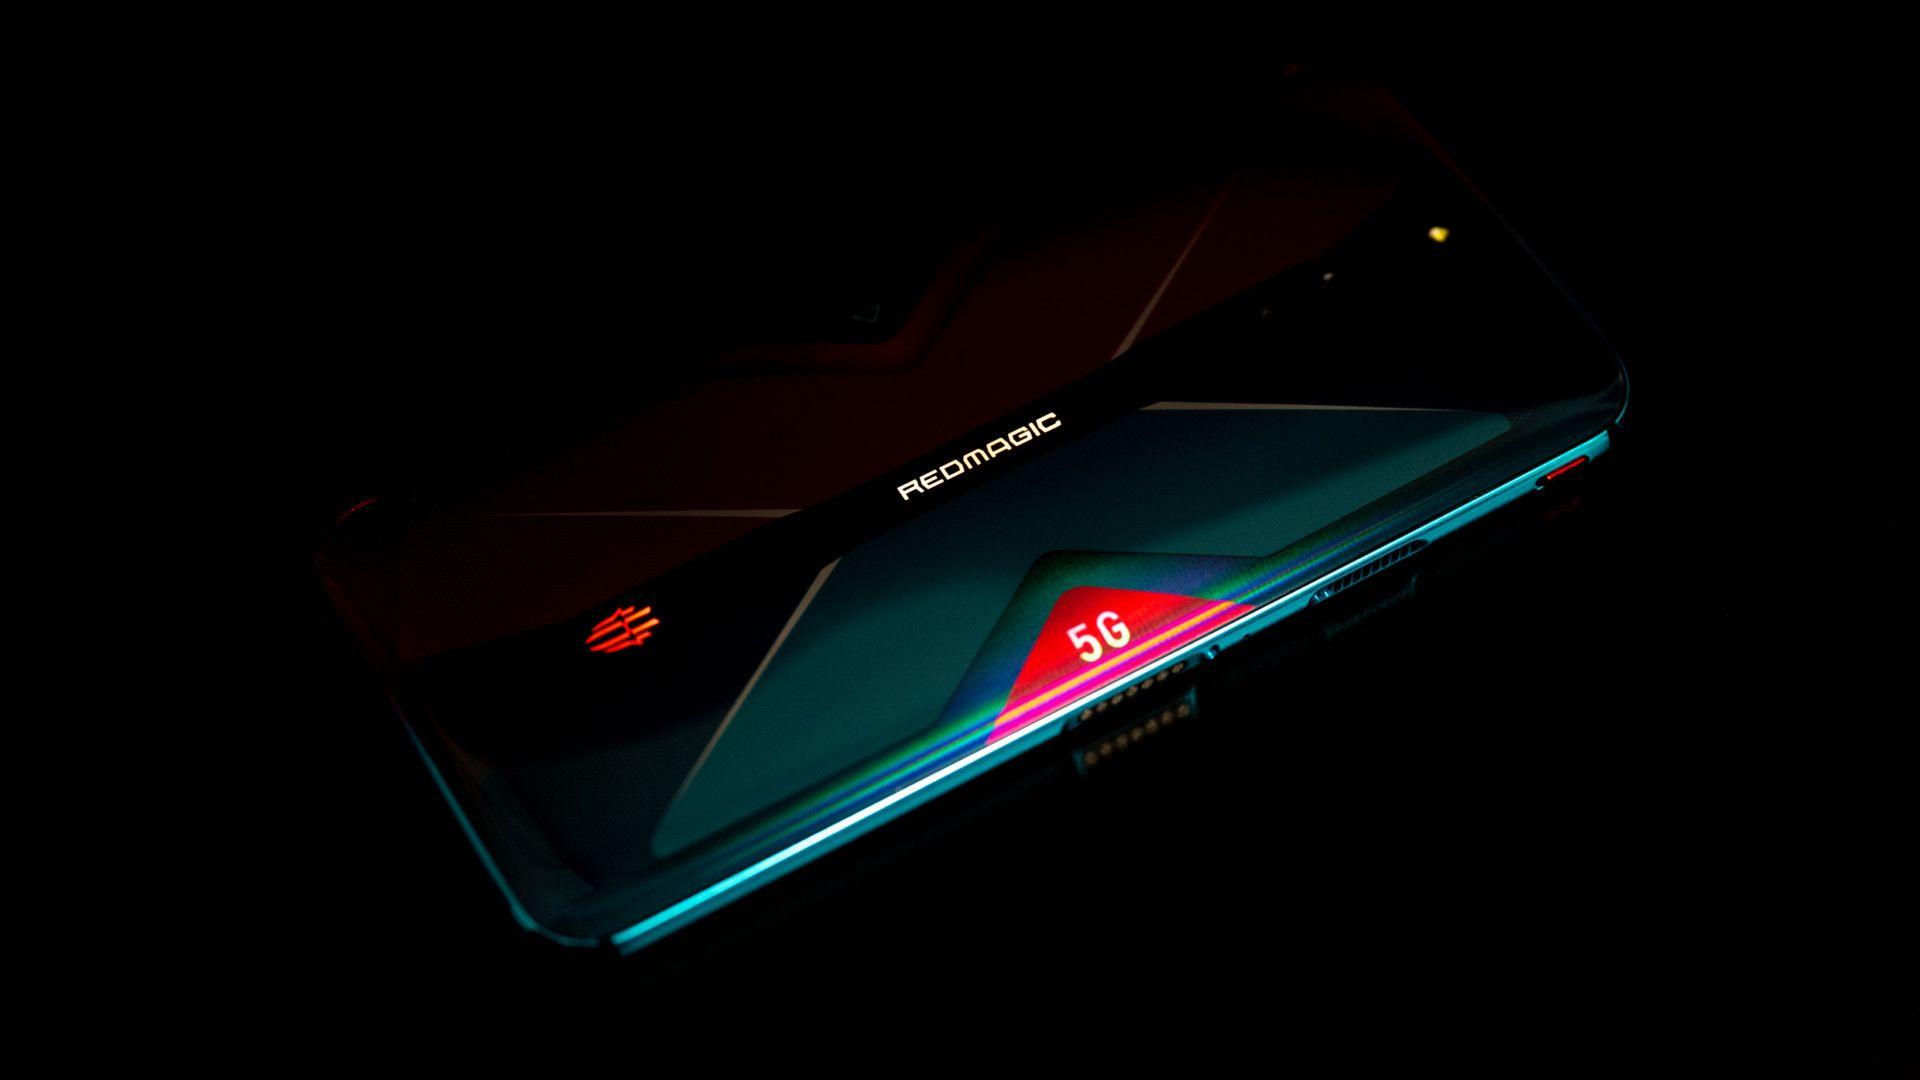 Photo of 空冷モンスターマシン「RedMagic 5G」レビュー。物理LRトリガー、144Hz画面、ファン内蔵の強力ゲーミングスマホ